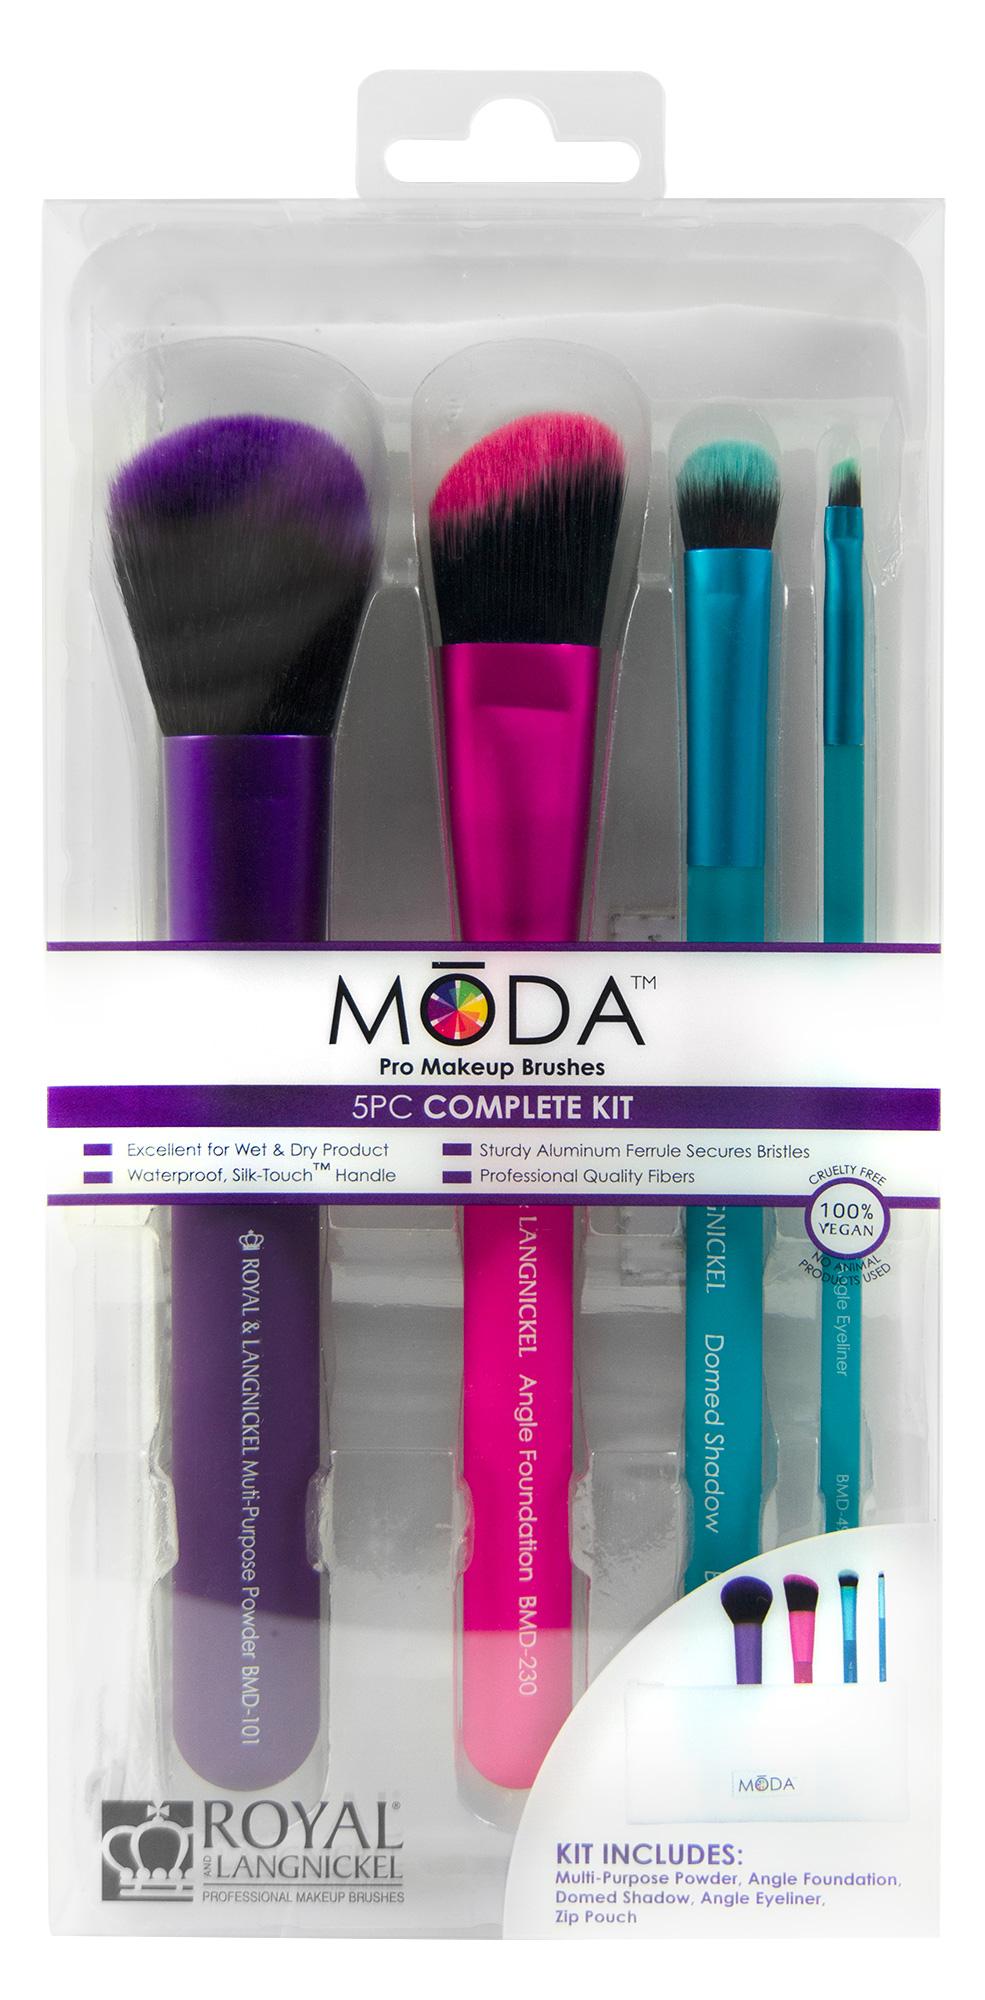 Royal Langnickel Makeup Brushes Uk